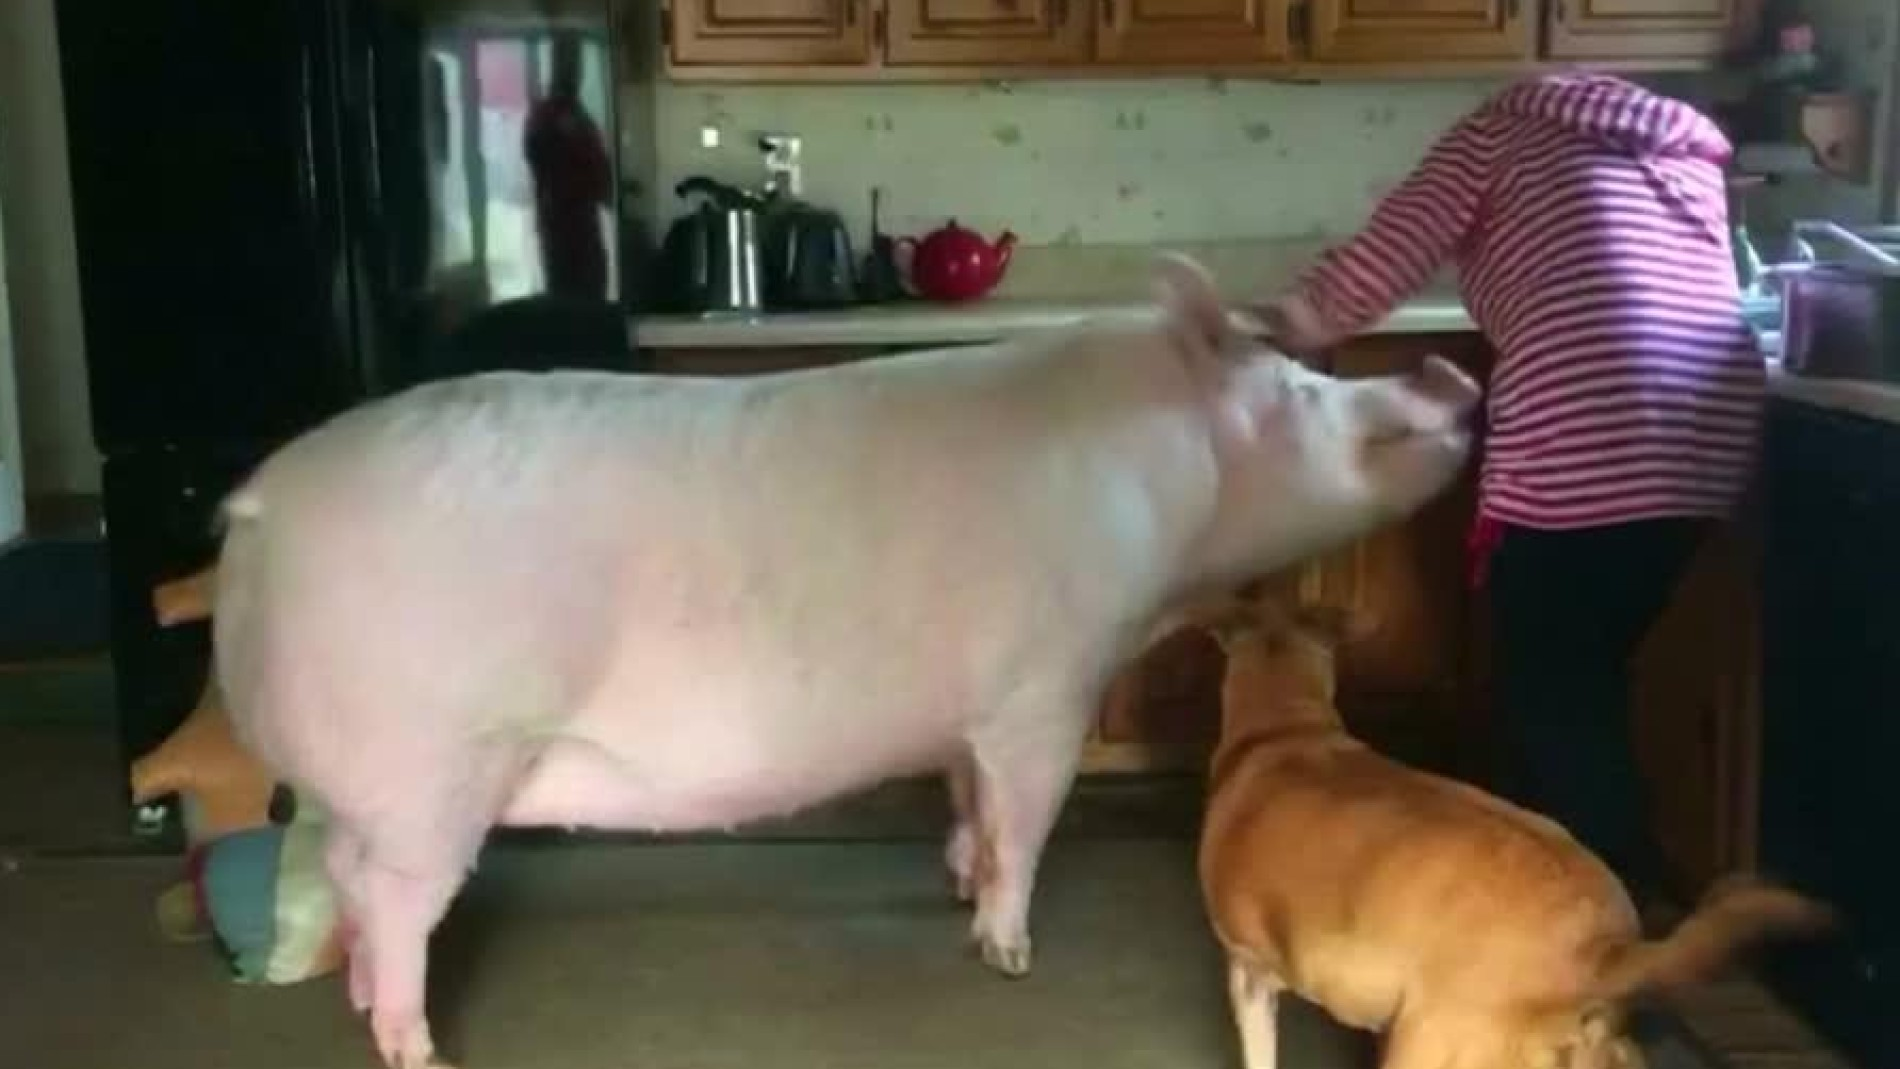 Kanada Riesenschwein Esther Wiegt Fast 300 Kilogramm